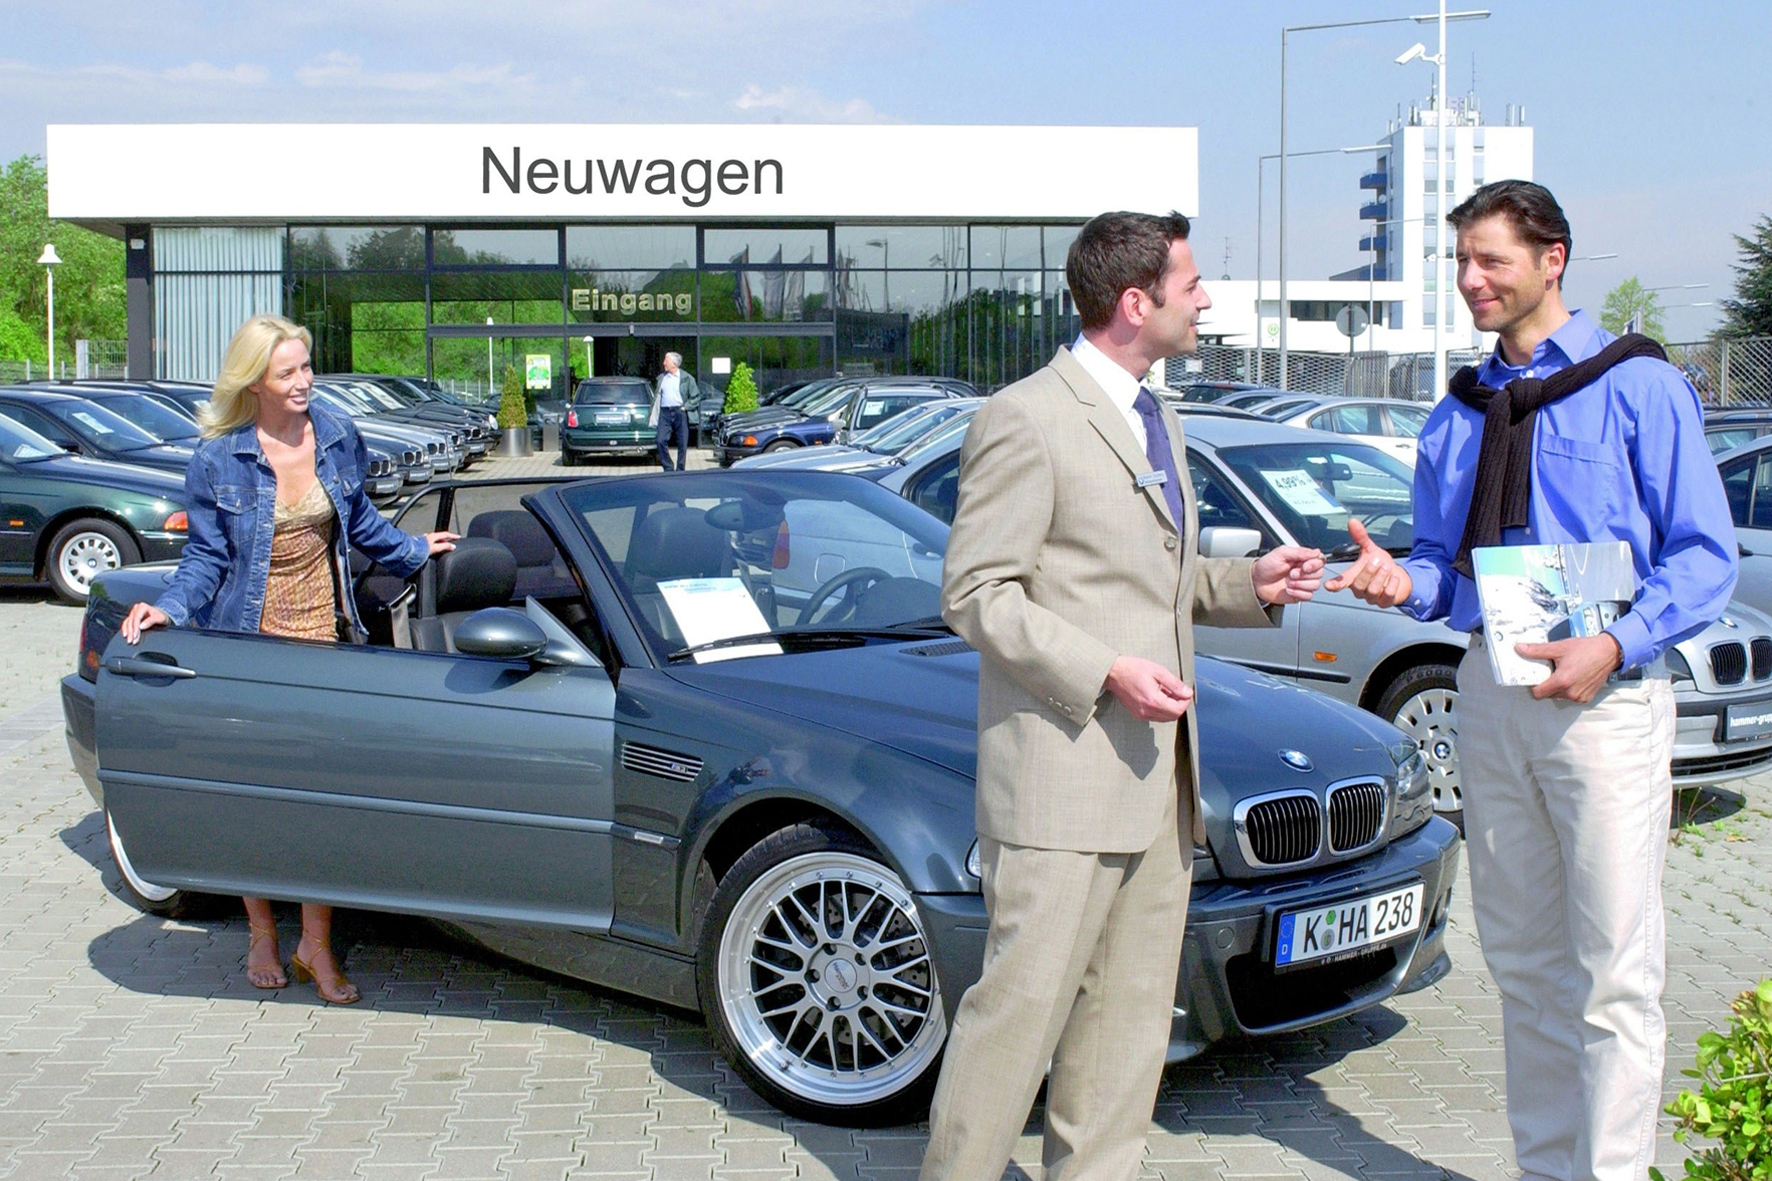 mid Düsseldorf - Auf dem deutschen Automarkt scheint die Sonne: So rechnet der Zentralverband Deutsches Kfz-Gewerbe (ZDK) für 2016 mit insgesamt 3,2 Millionen Pkw-Neuzulassungen.